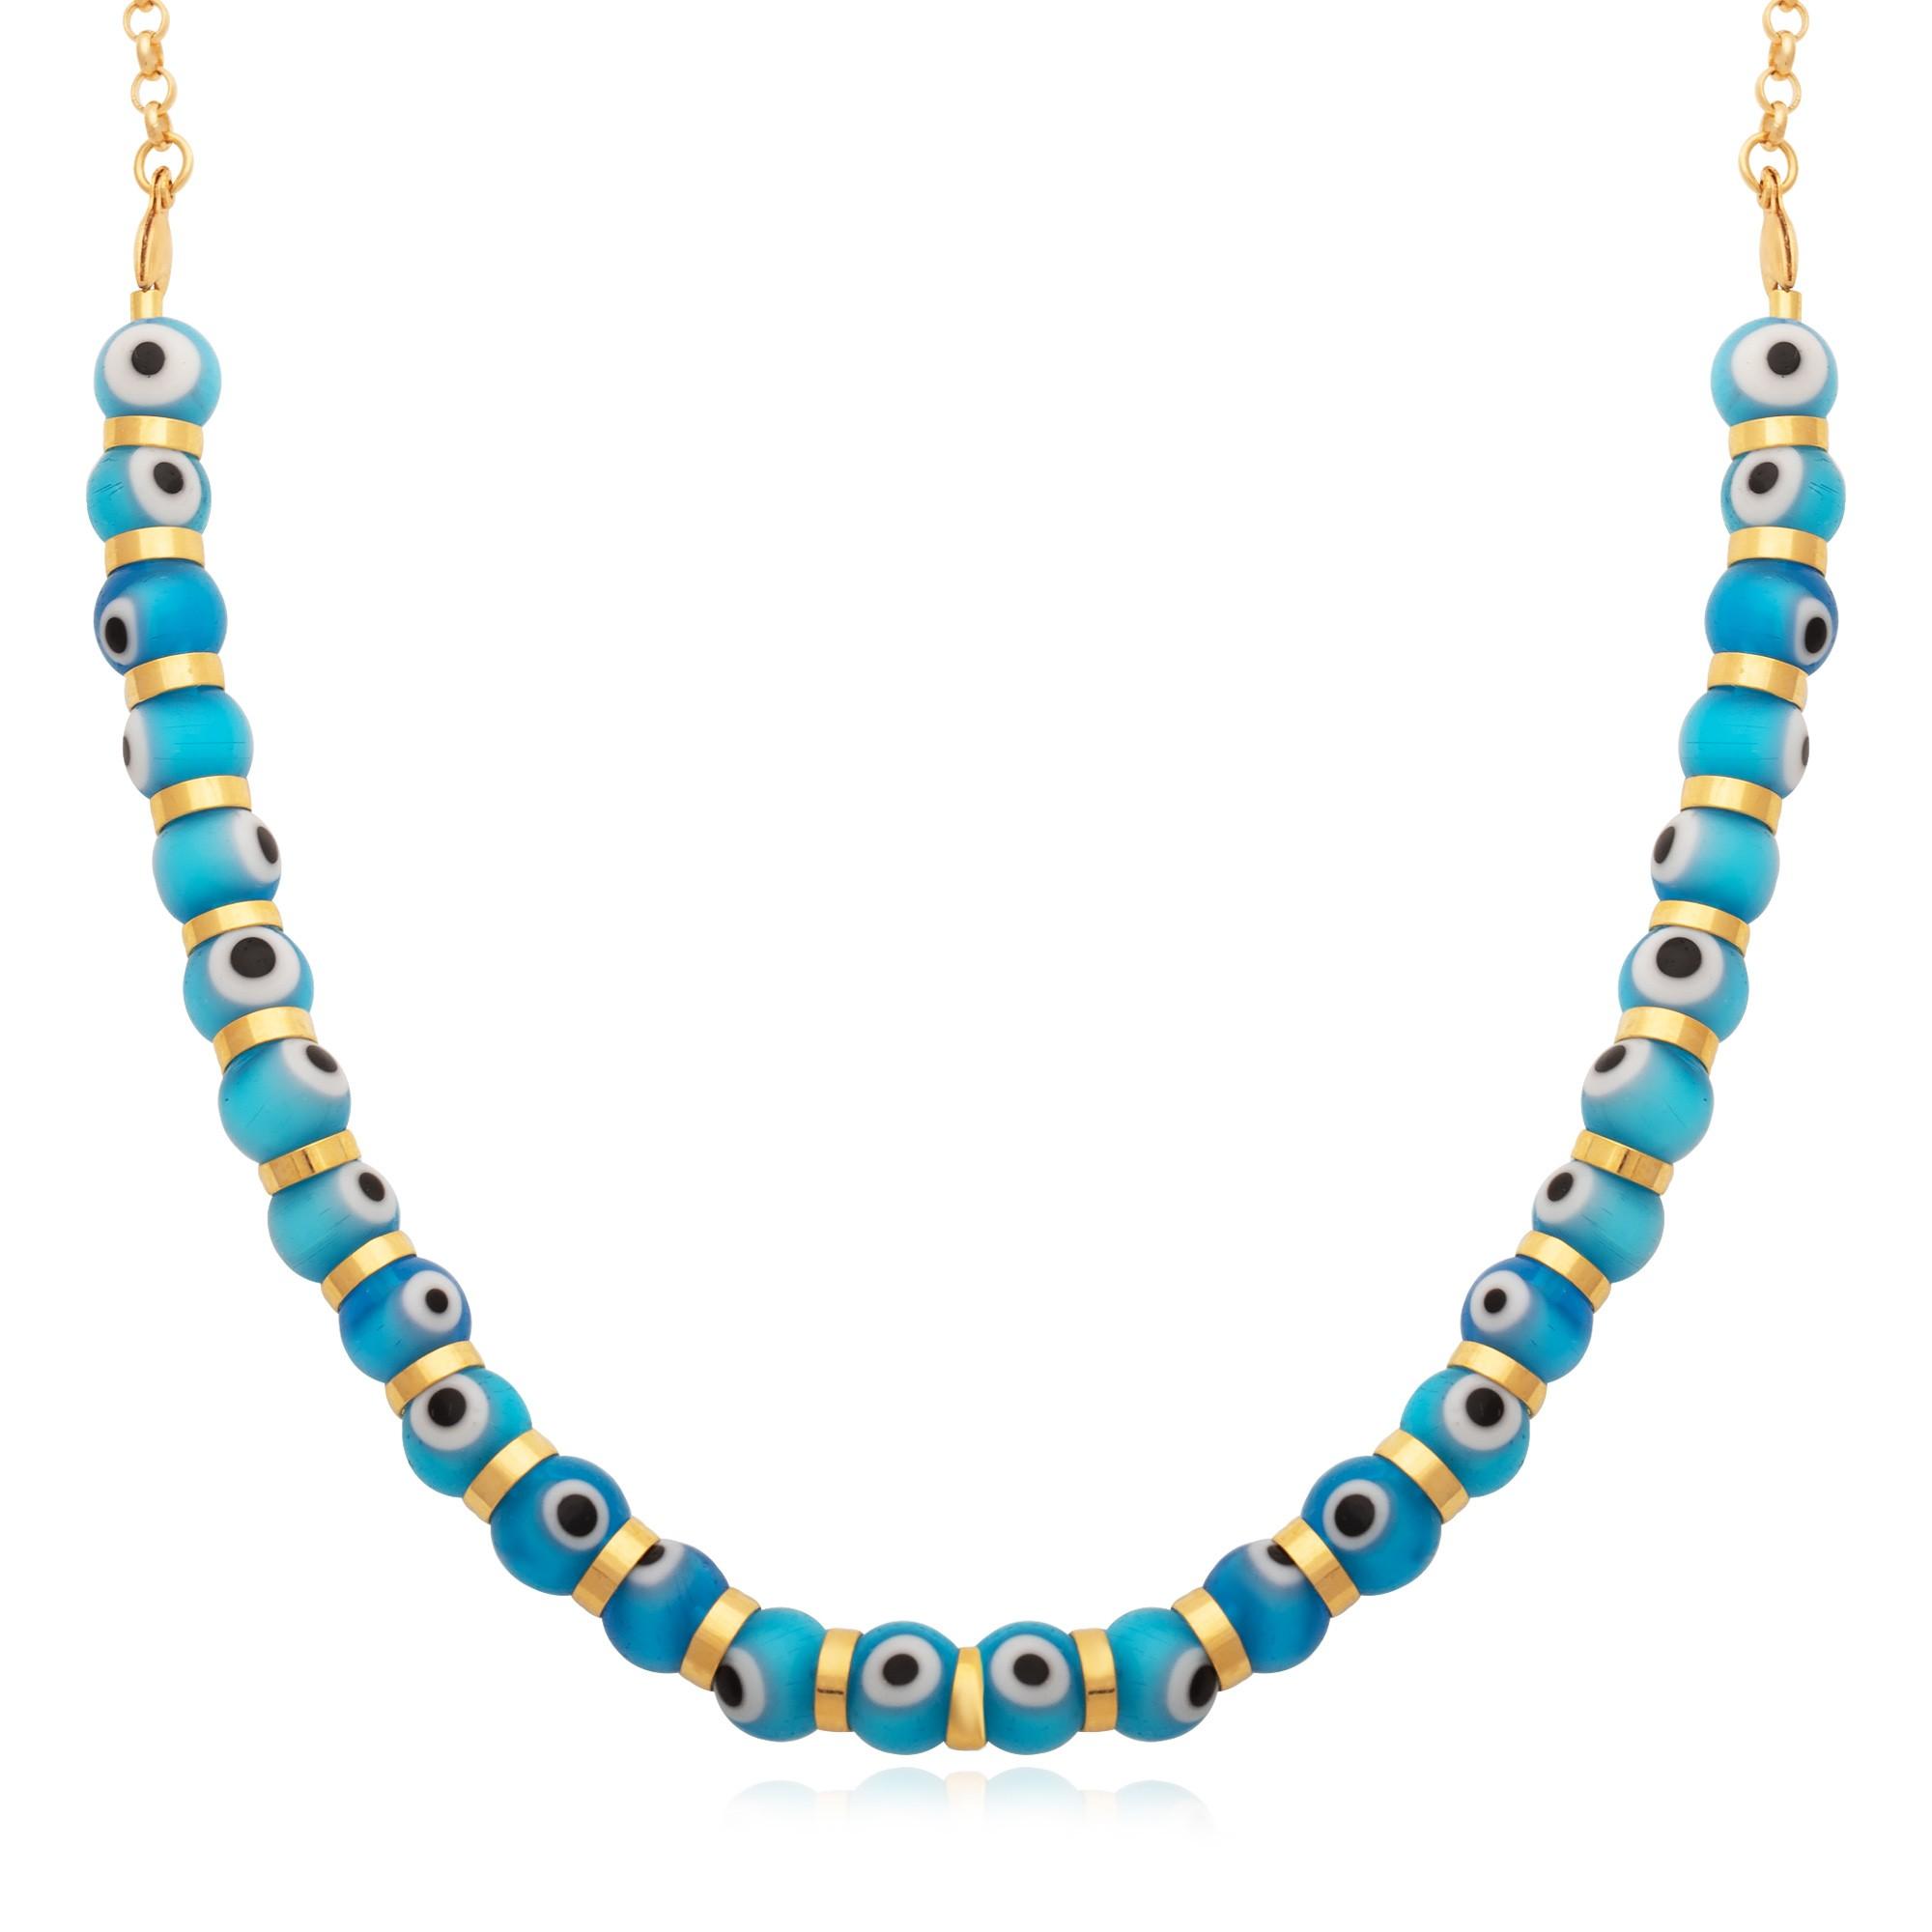 Colar olho grego azul com corrente banhado á ouro 18k.  - bfdecor.com.br